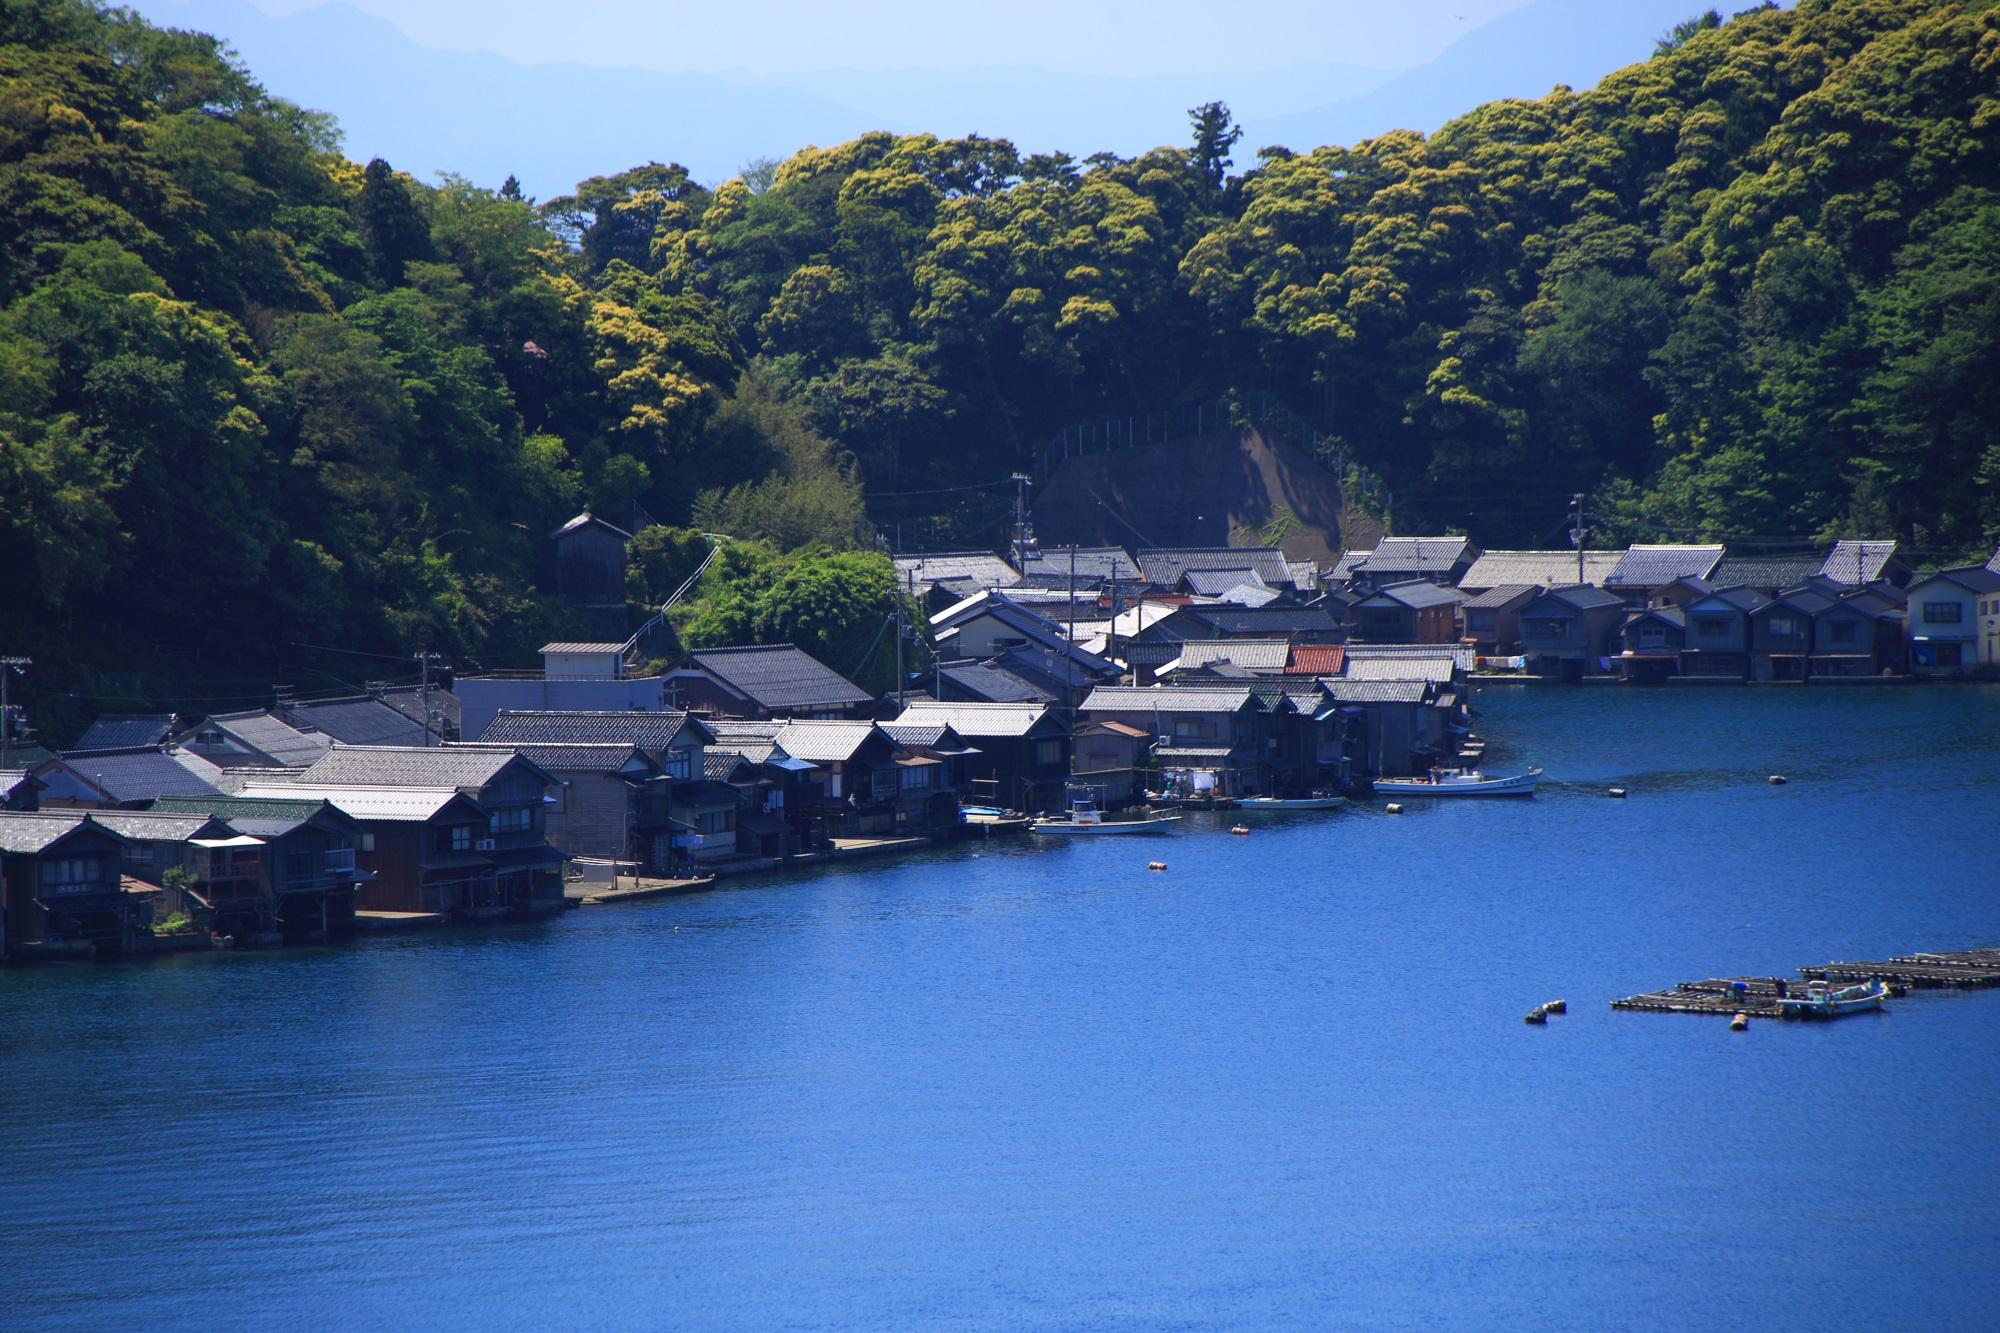 結構新しい家も多い伊根の舟屋